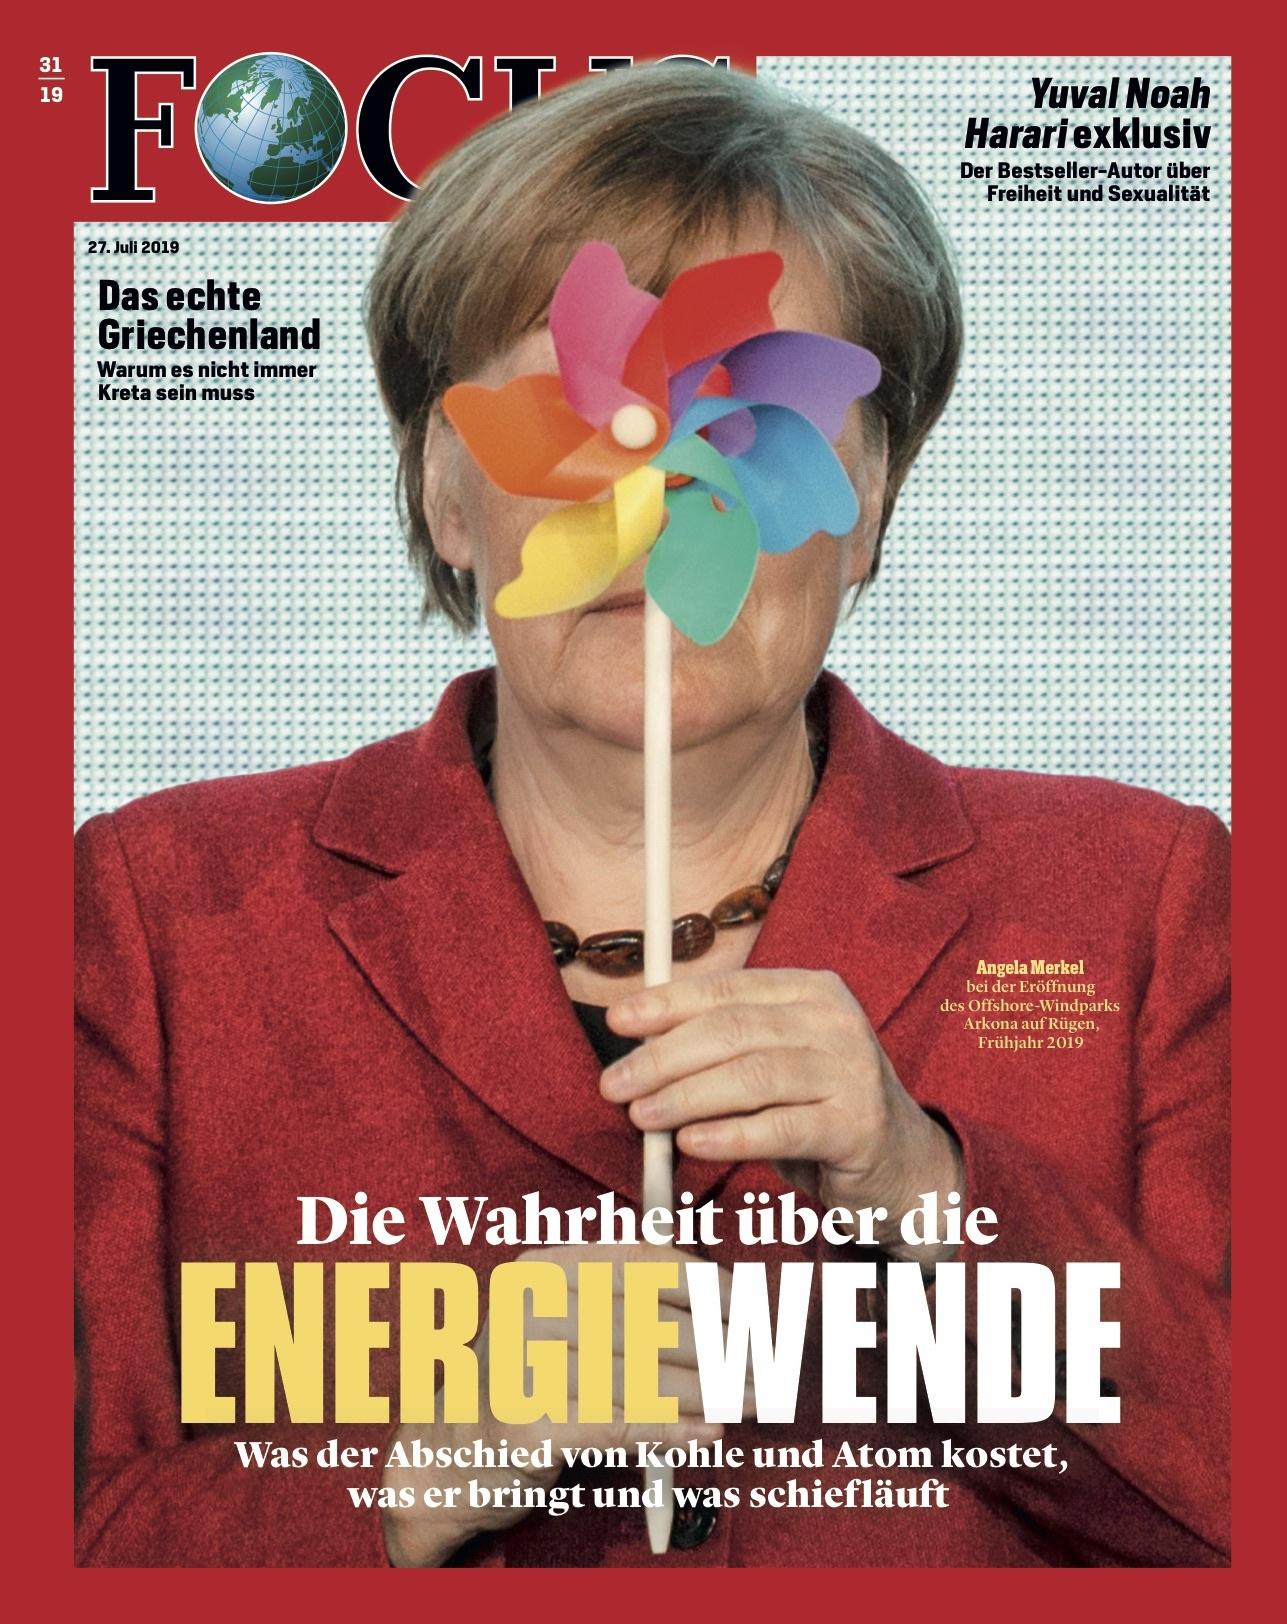 FOCUS Magazin FOCUS Magazin - Die Wahrheit über die Energiewende